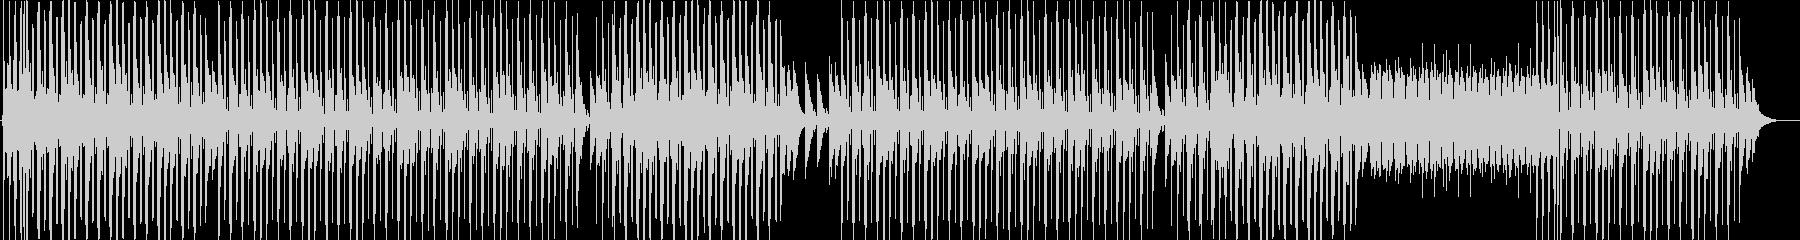 洋楽、トラップソウル、R&Bチルアウト♪の未再生の波形